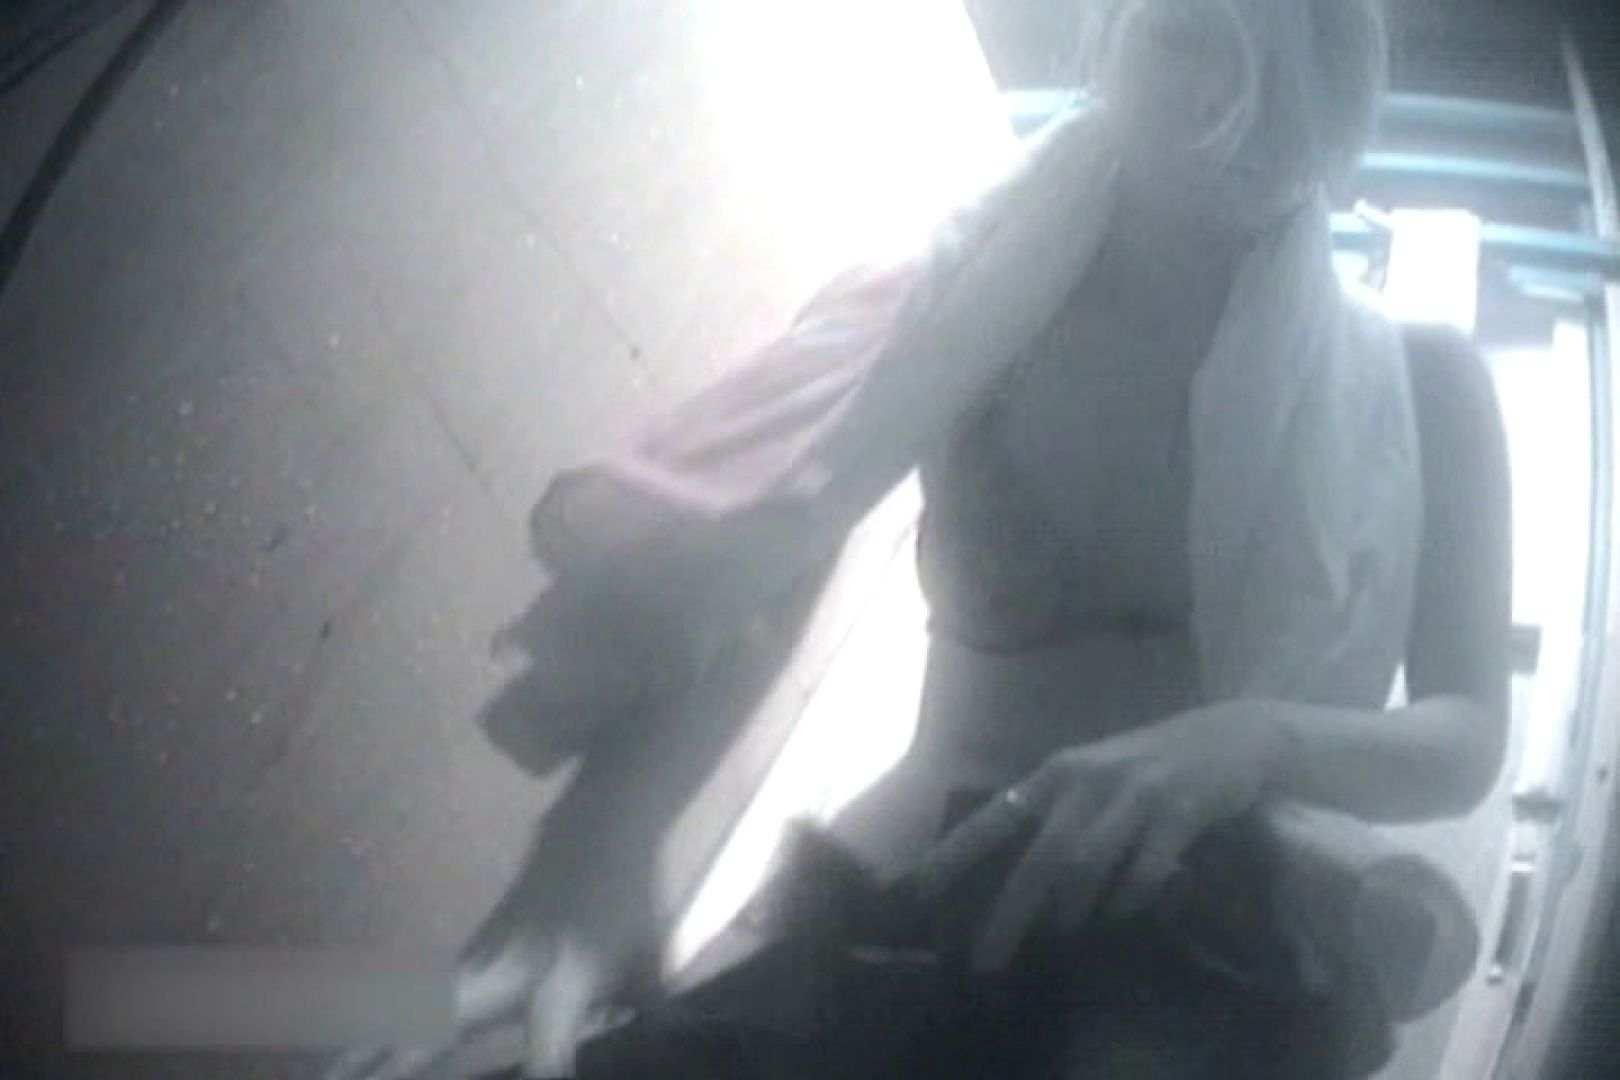 夏海シャワー室!ベトベトお肌をサラサラに!VOL.06 シャワー室 | OLの実態  75pic 17